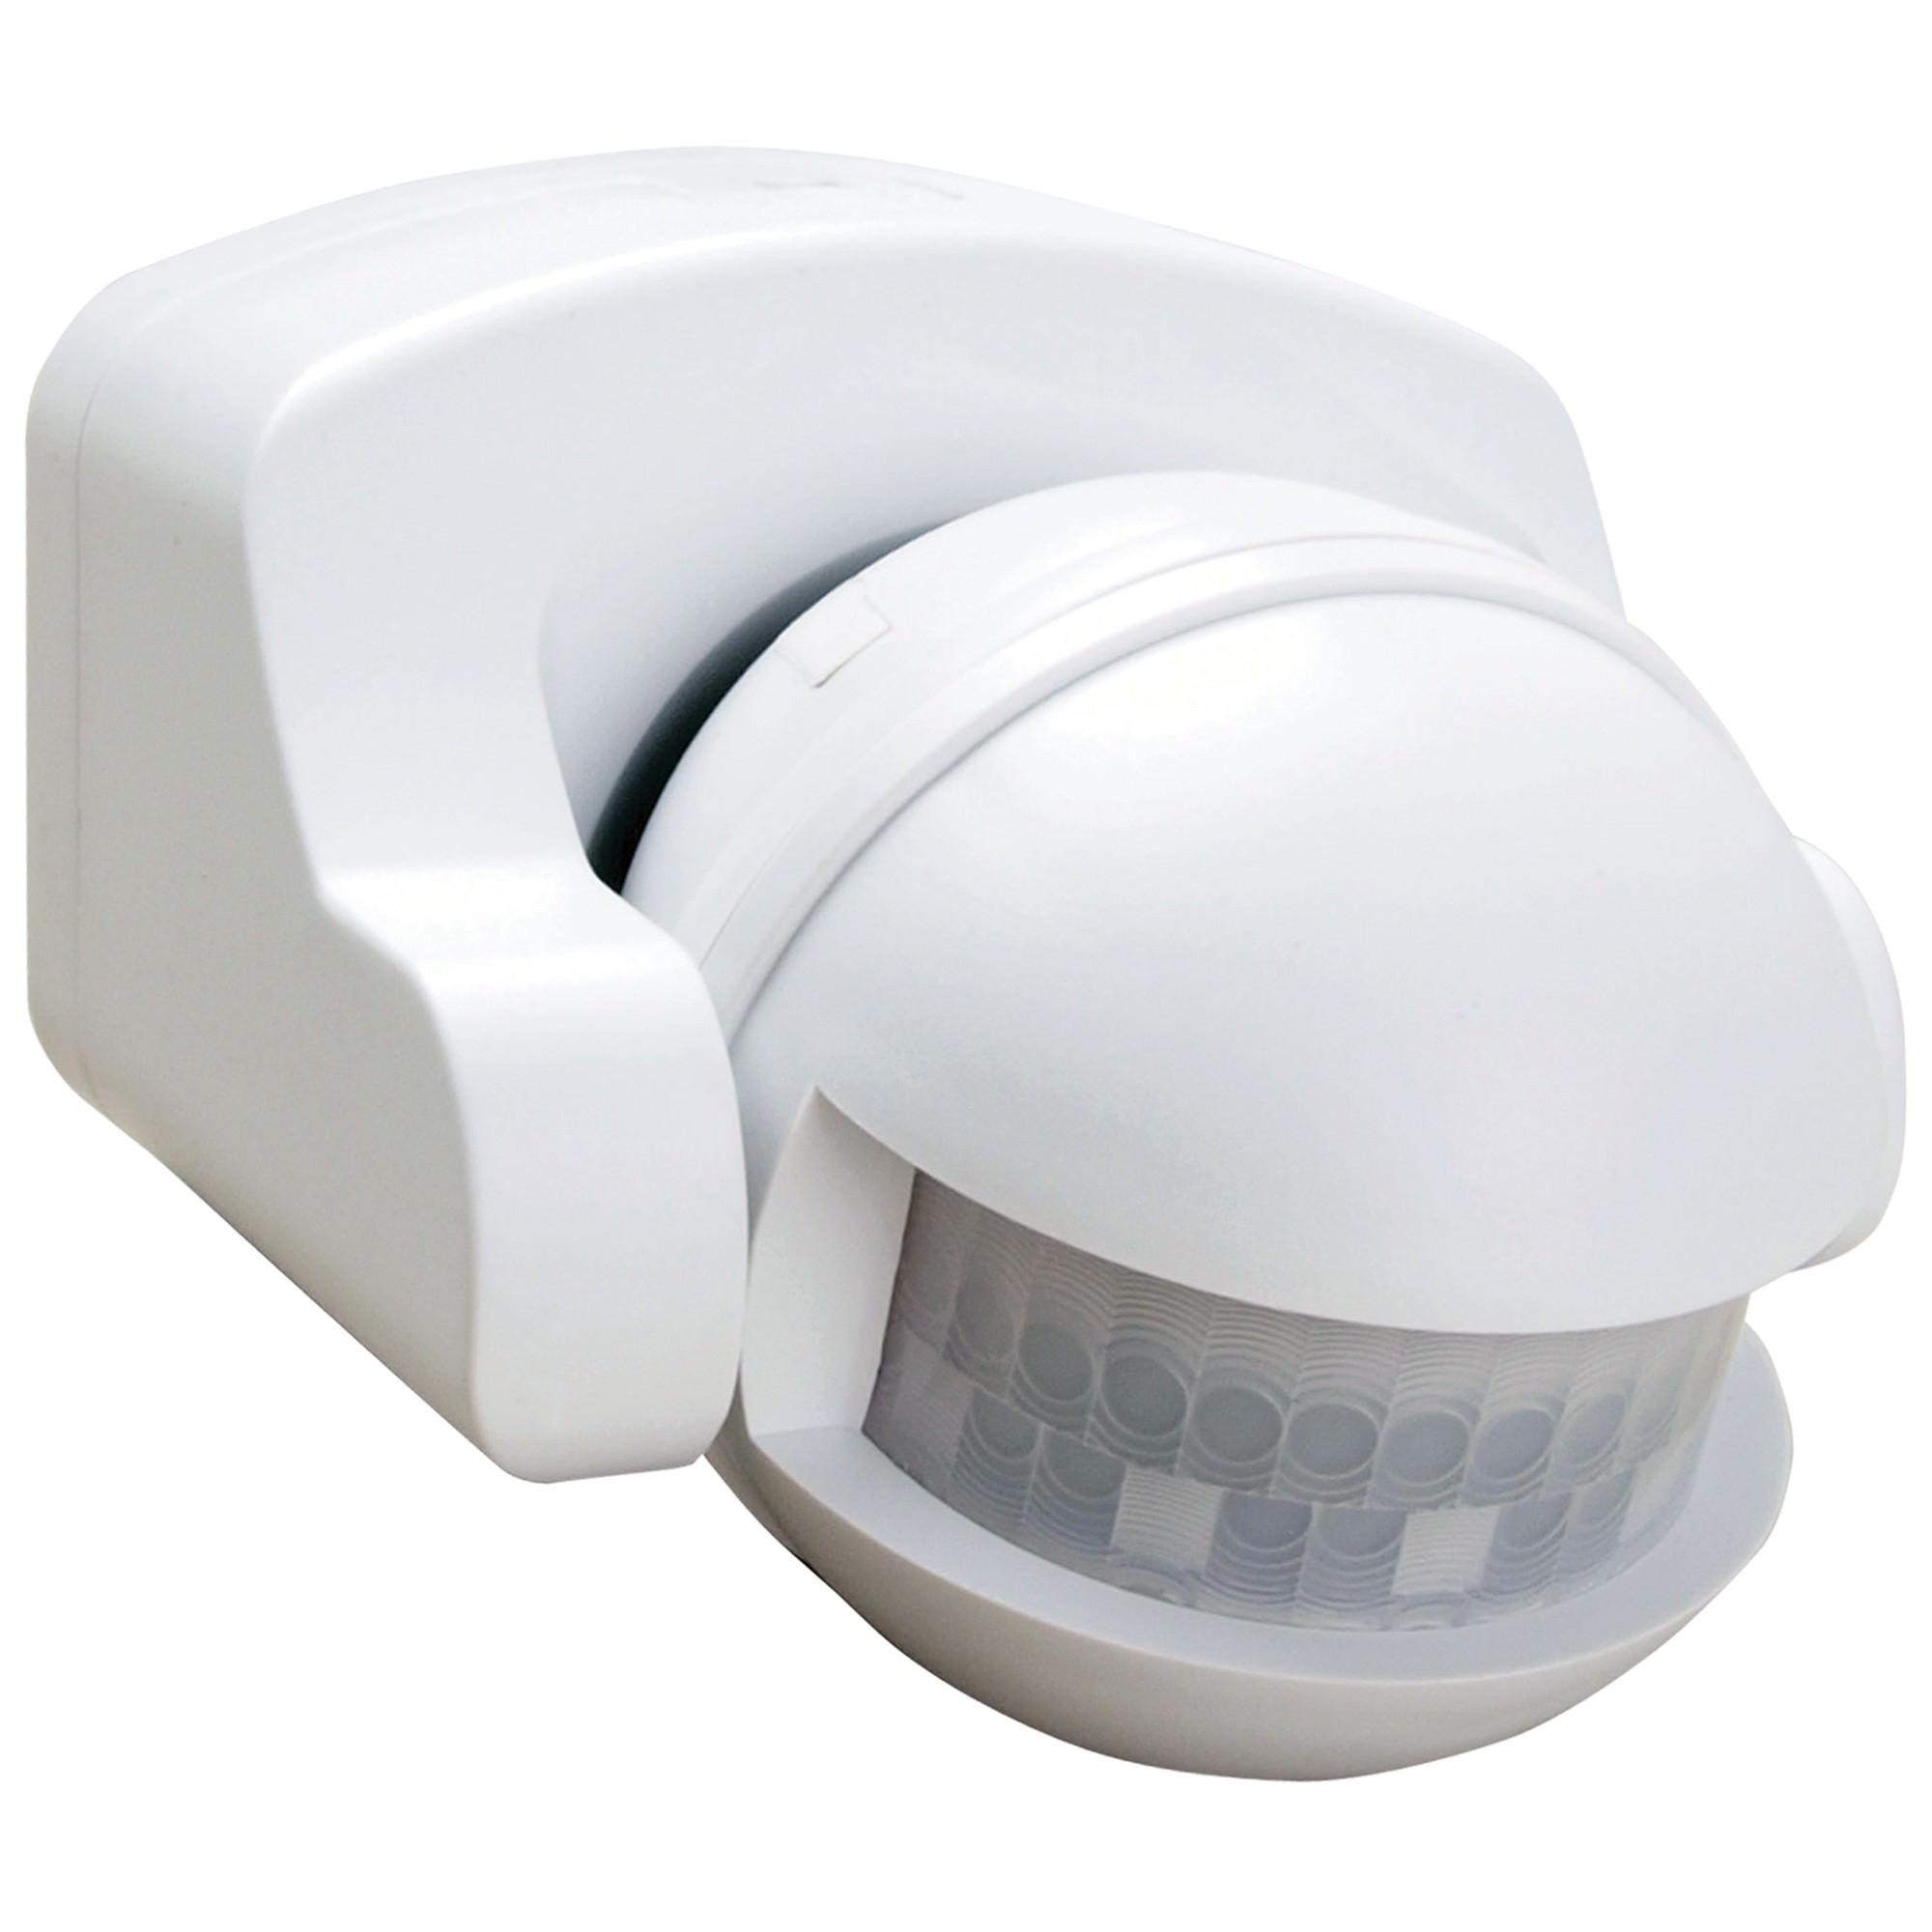 Lightwatch IP44 Indoor / Outdoor Motion Sensor, White